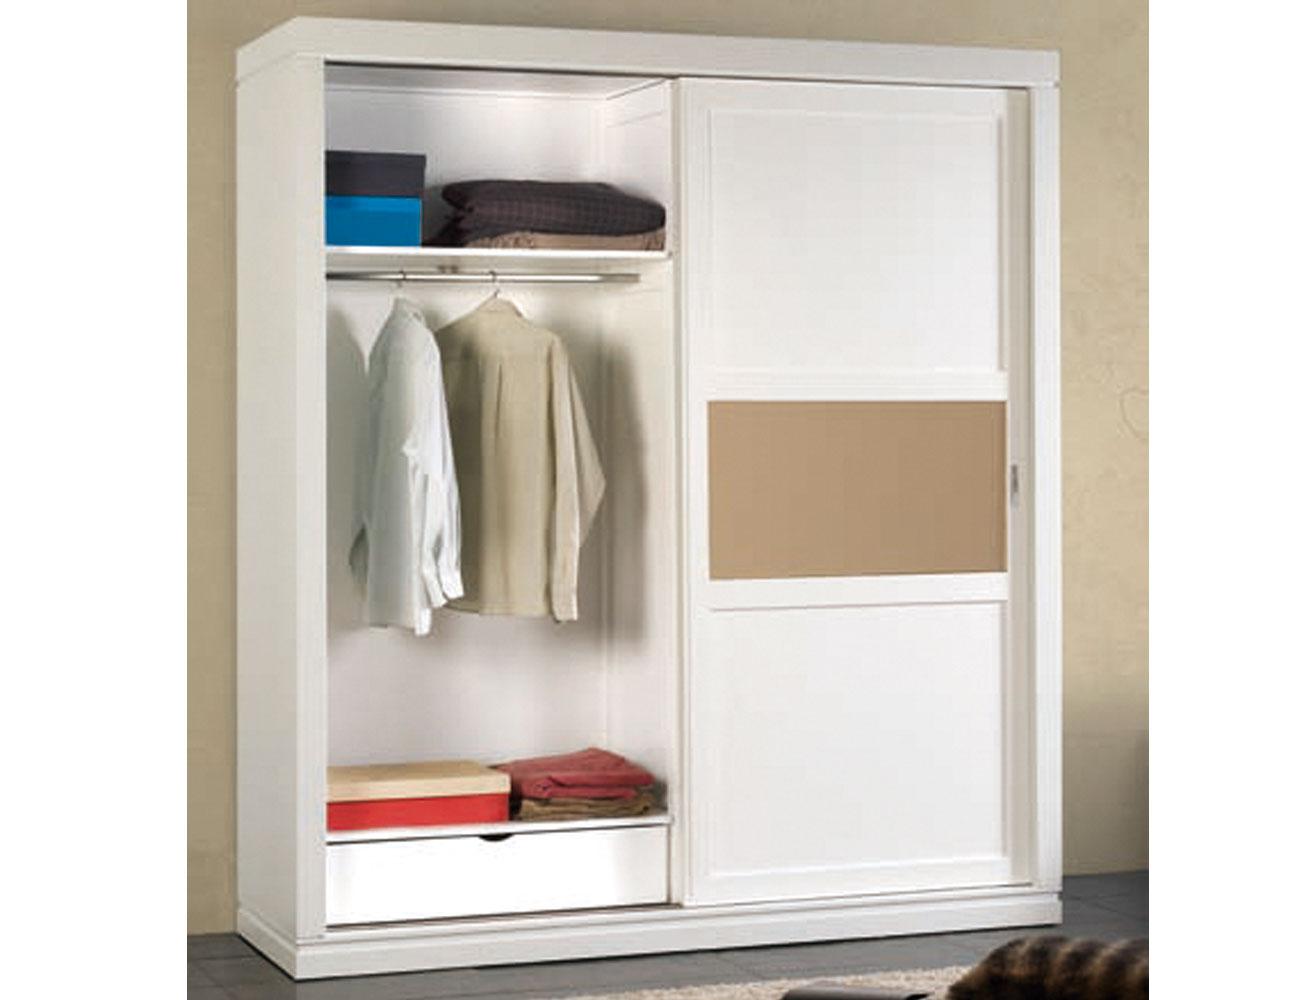 Detalle h 20 interior armario blanco2